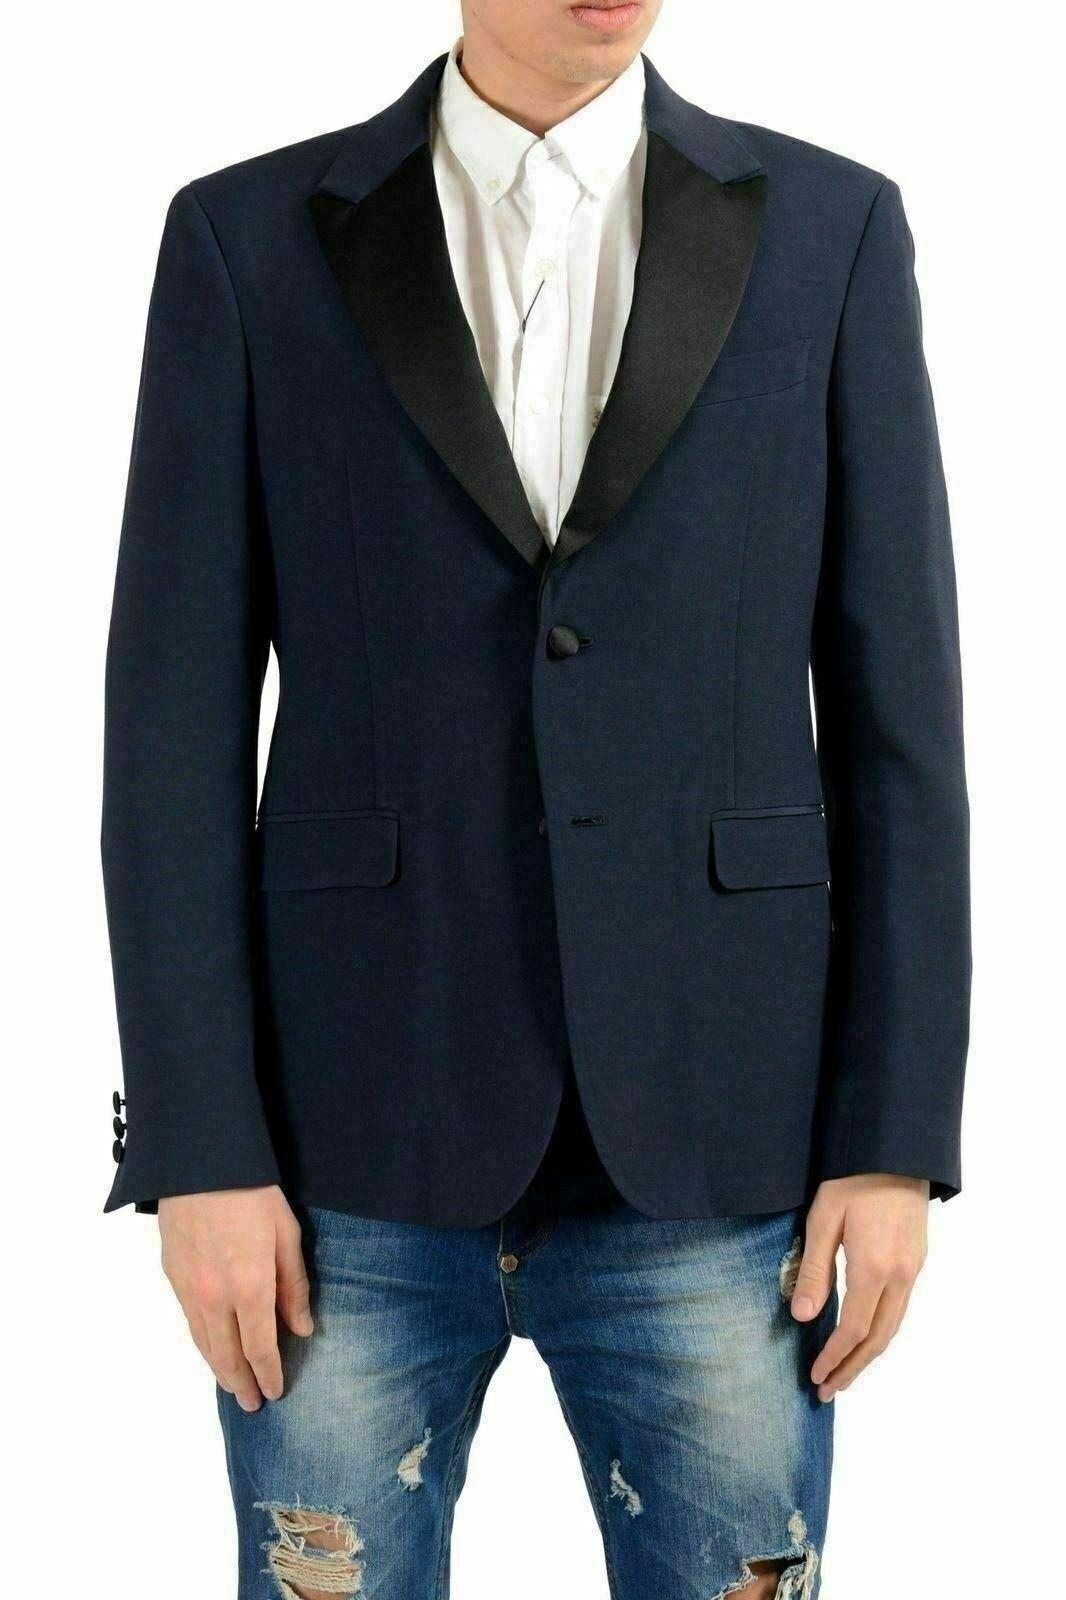 Versace Collection Herren Wolle Blau Blazer, die Sport Mantel Us 38 It   | Starke Hitze- und Hitzebeständigkeit  | Hochwertige Materialien  | Neues Produkt